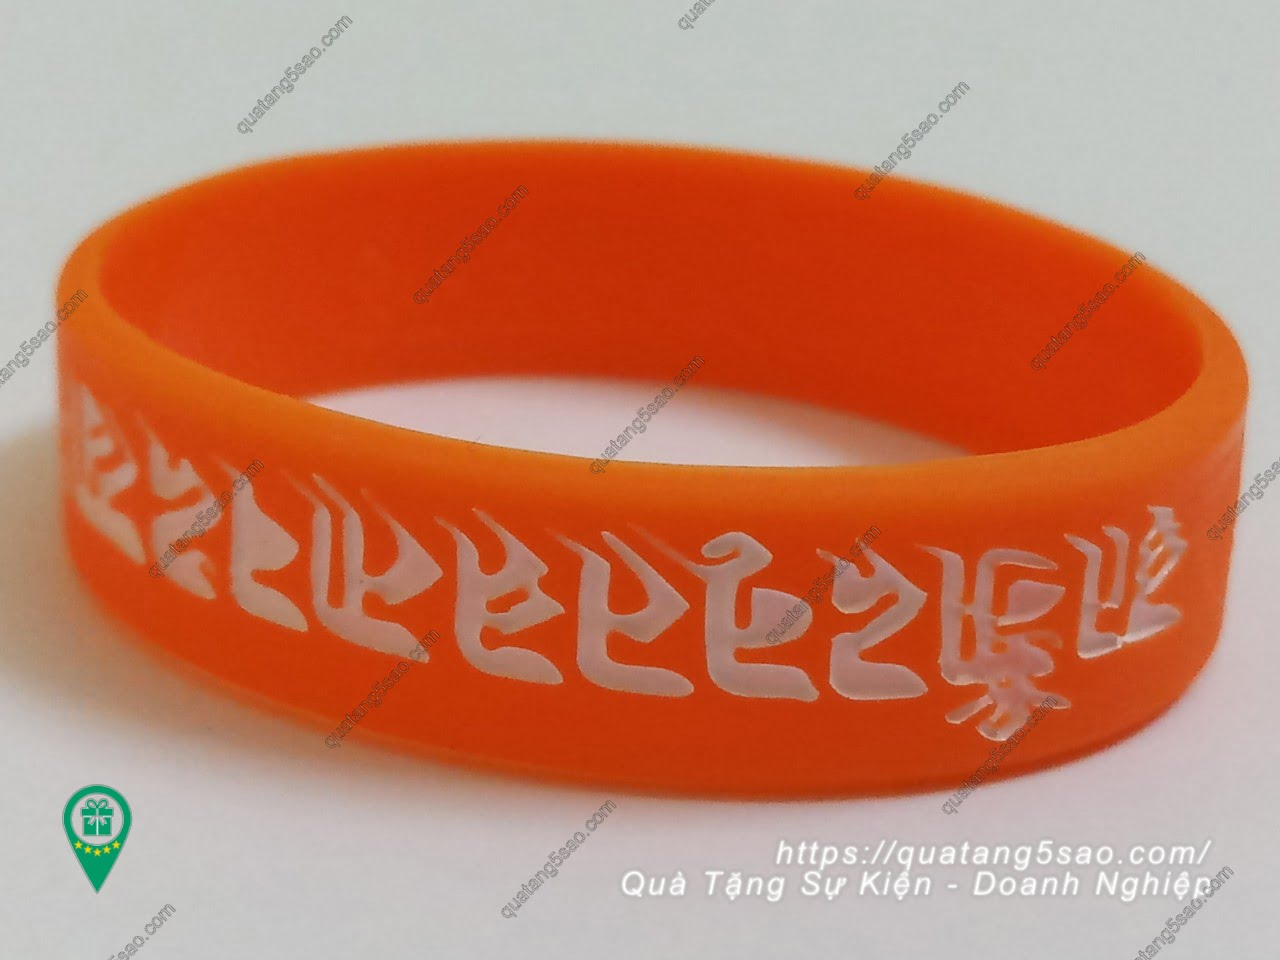 Vòng tay cao su Phật tử in các câu thần chú tiếng Phạn theo yêu cầu